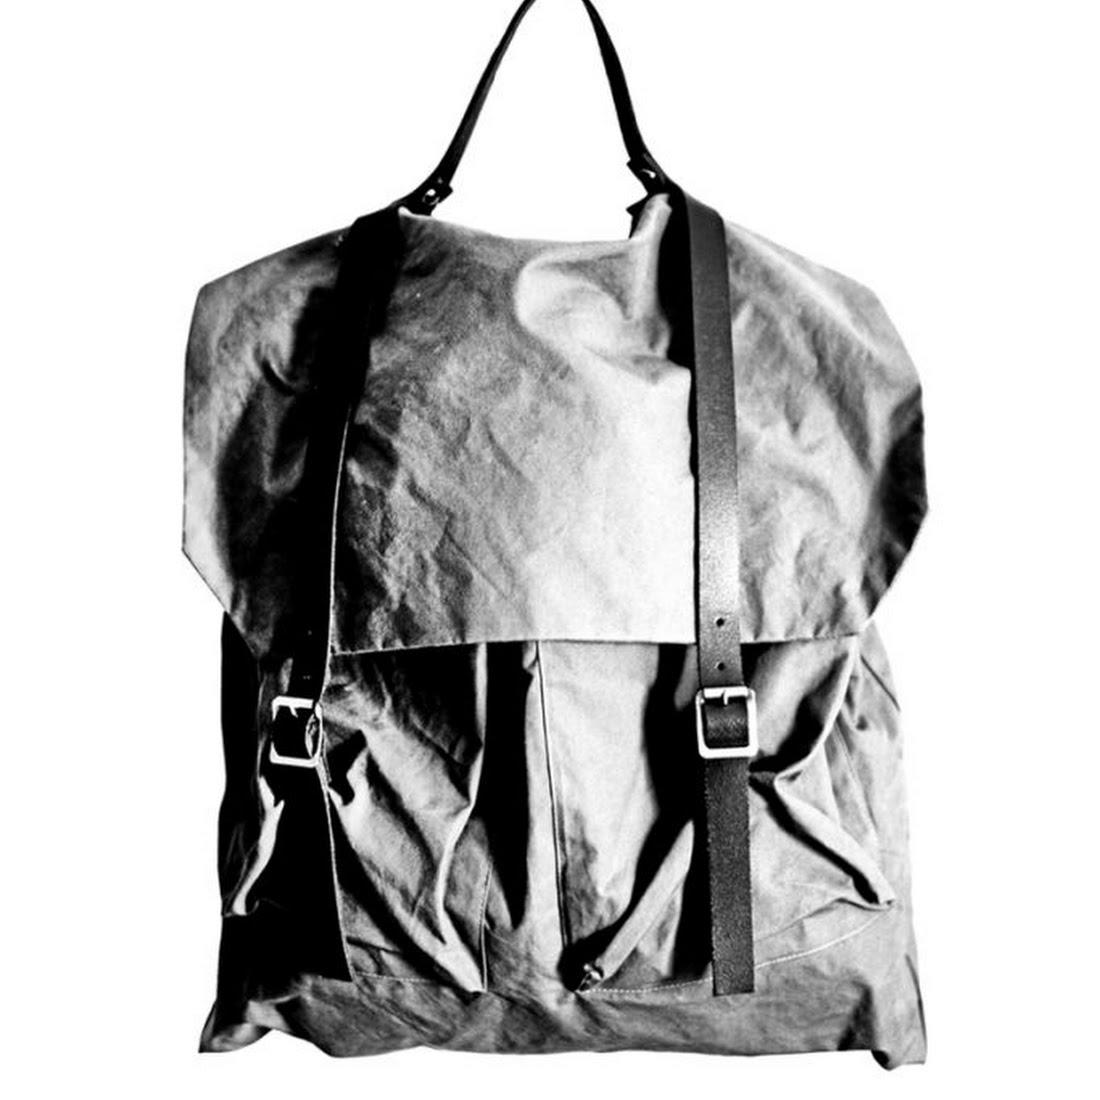 Schnittmuster & Zubehör - Schnittmuster RTR Bag